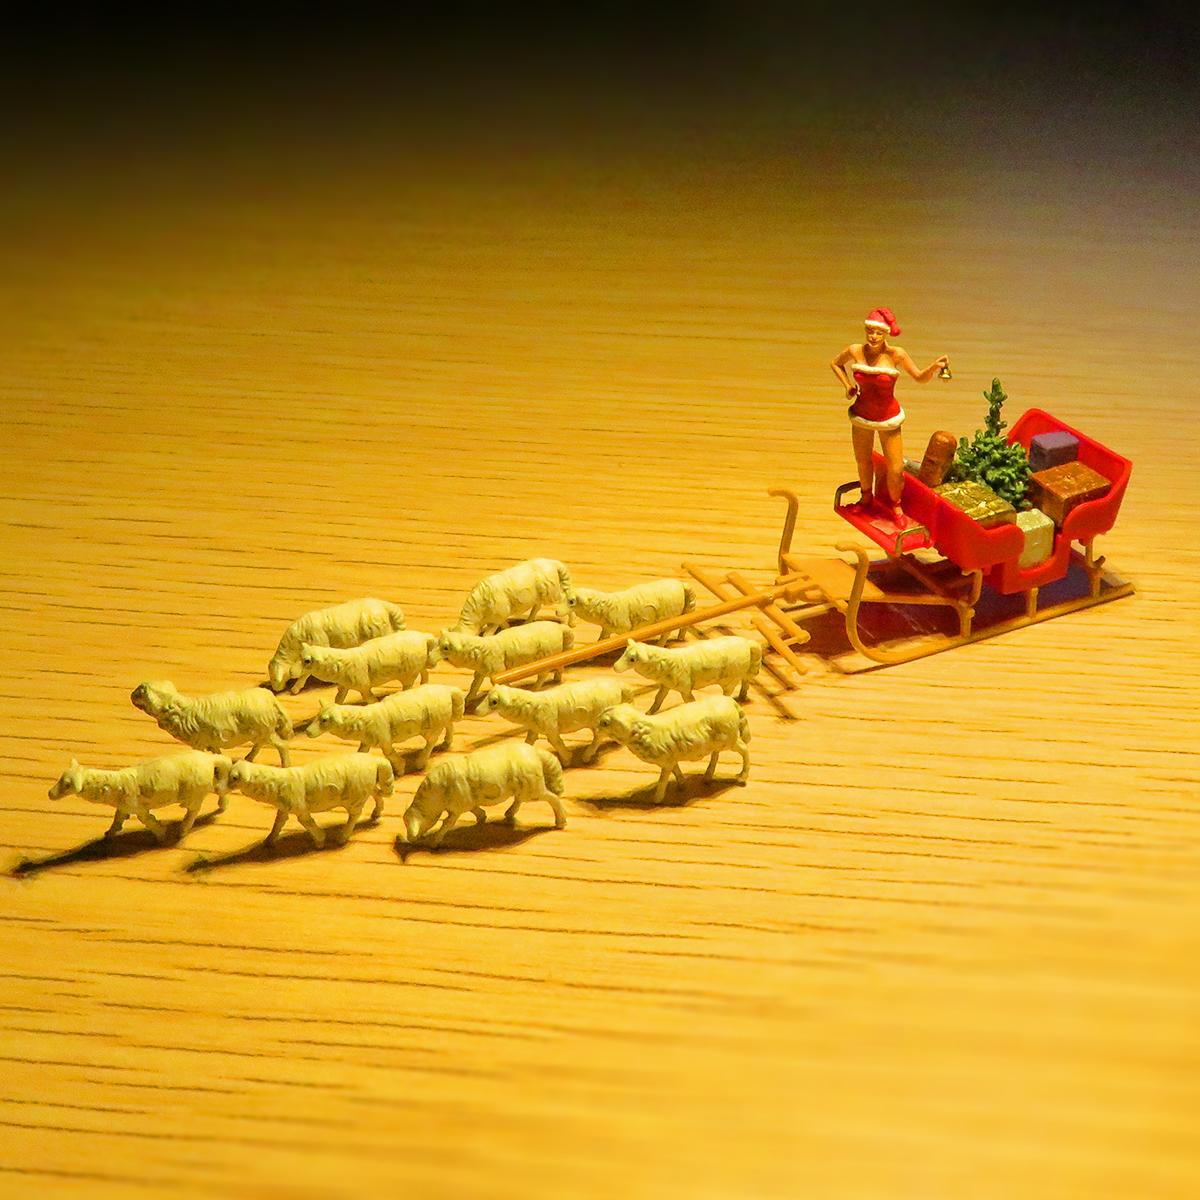 12月24日はクリスマスイブ!クリスマスプレゼントを届ける女サンタクロースとソリを引く羊